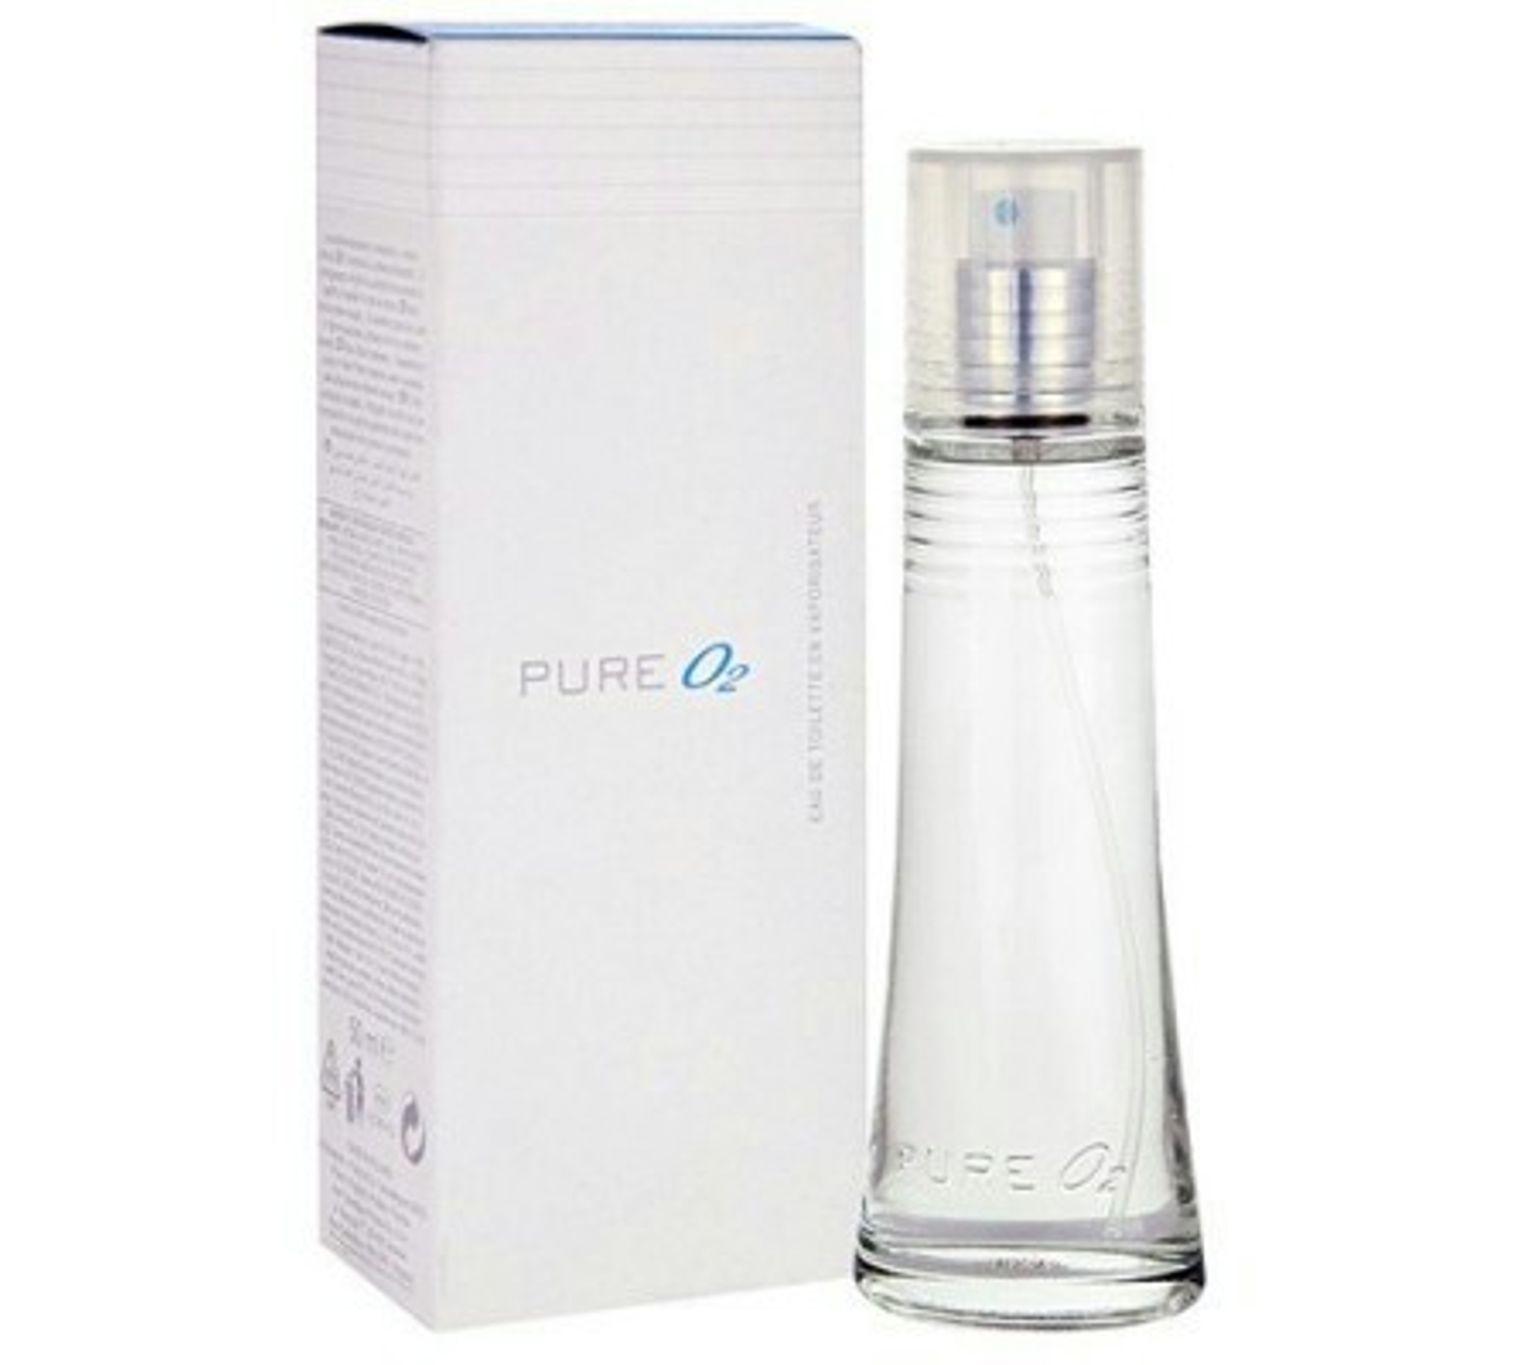 [Avon] Nước hoa nữ Avon Free O2 EDT Spray 50ml